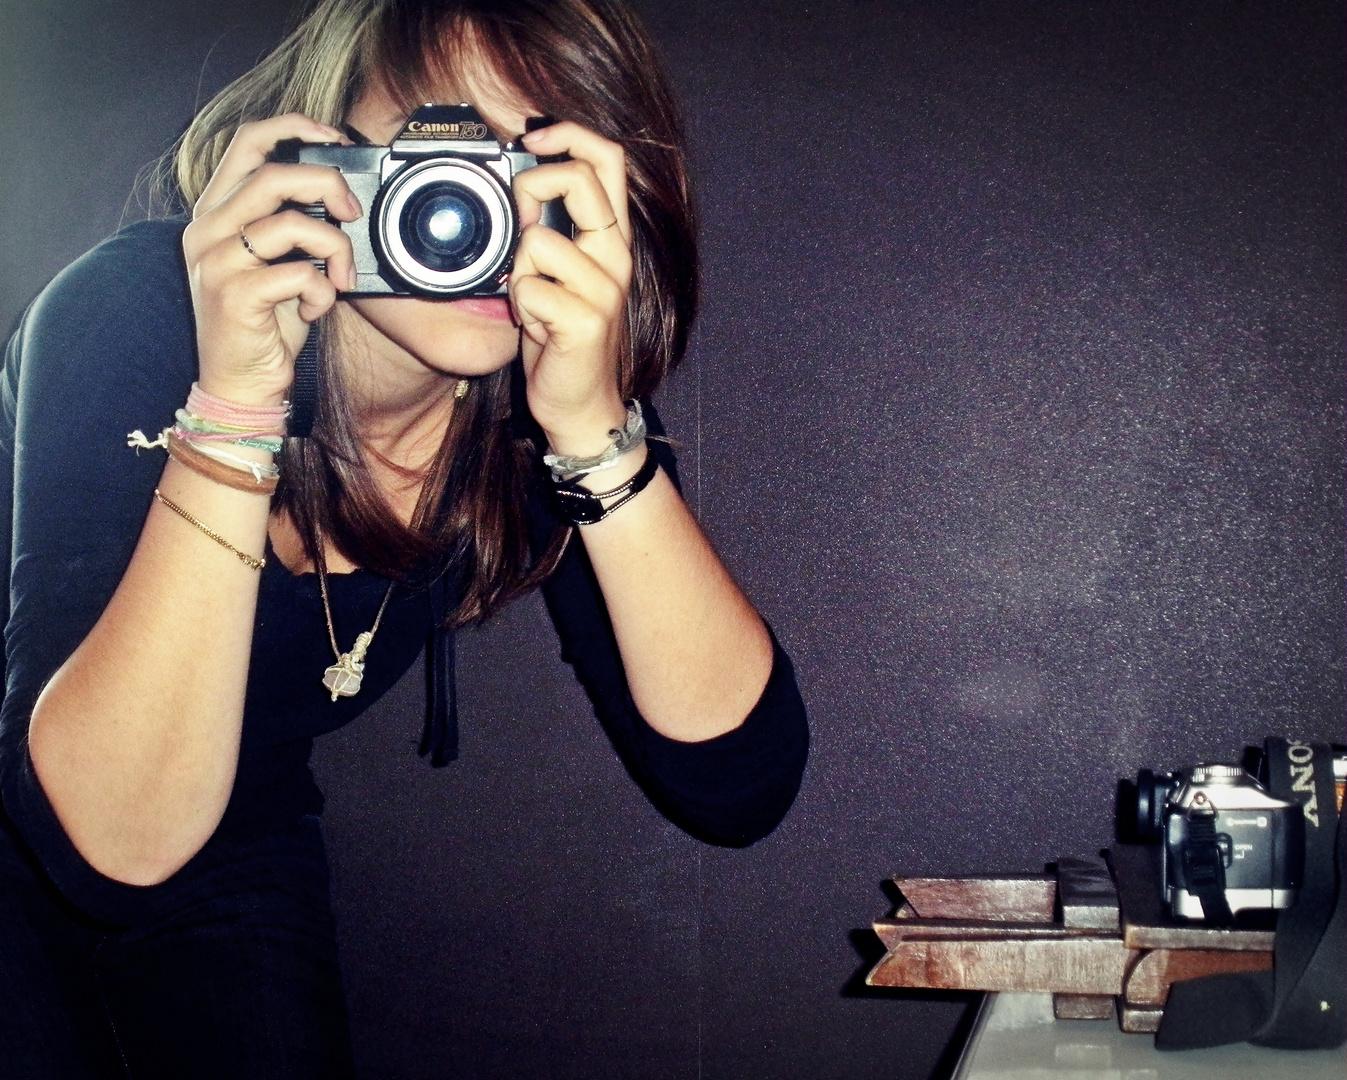 Il faut aimer la solitude pour être photographe.